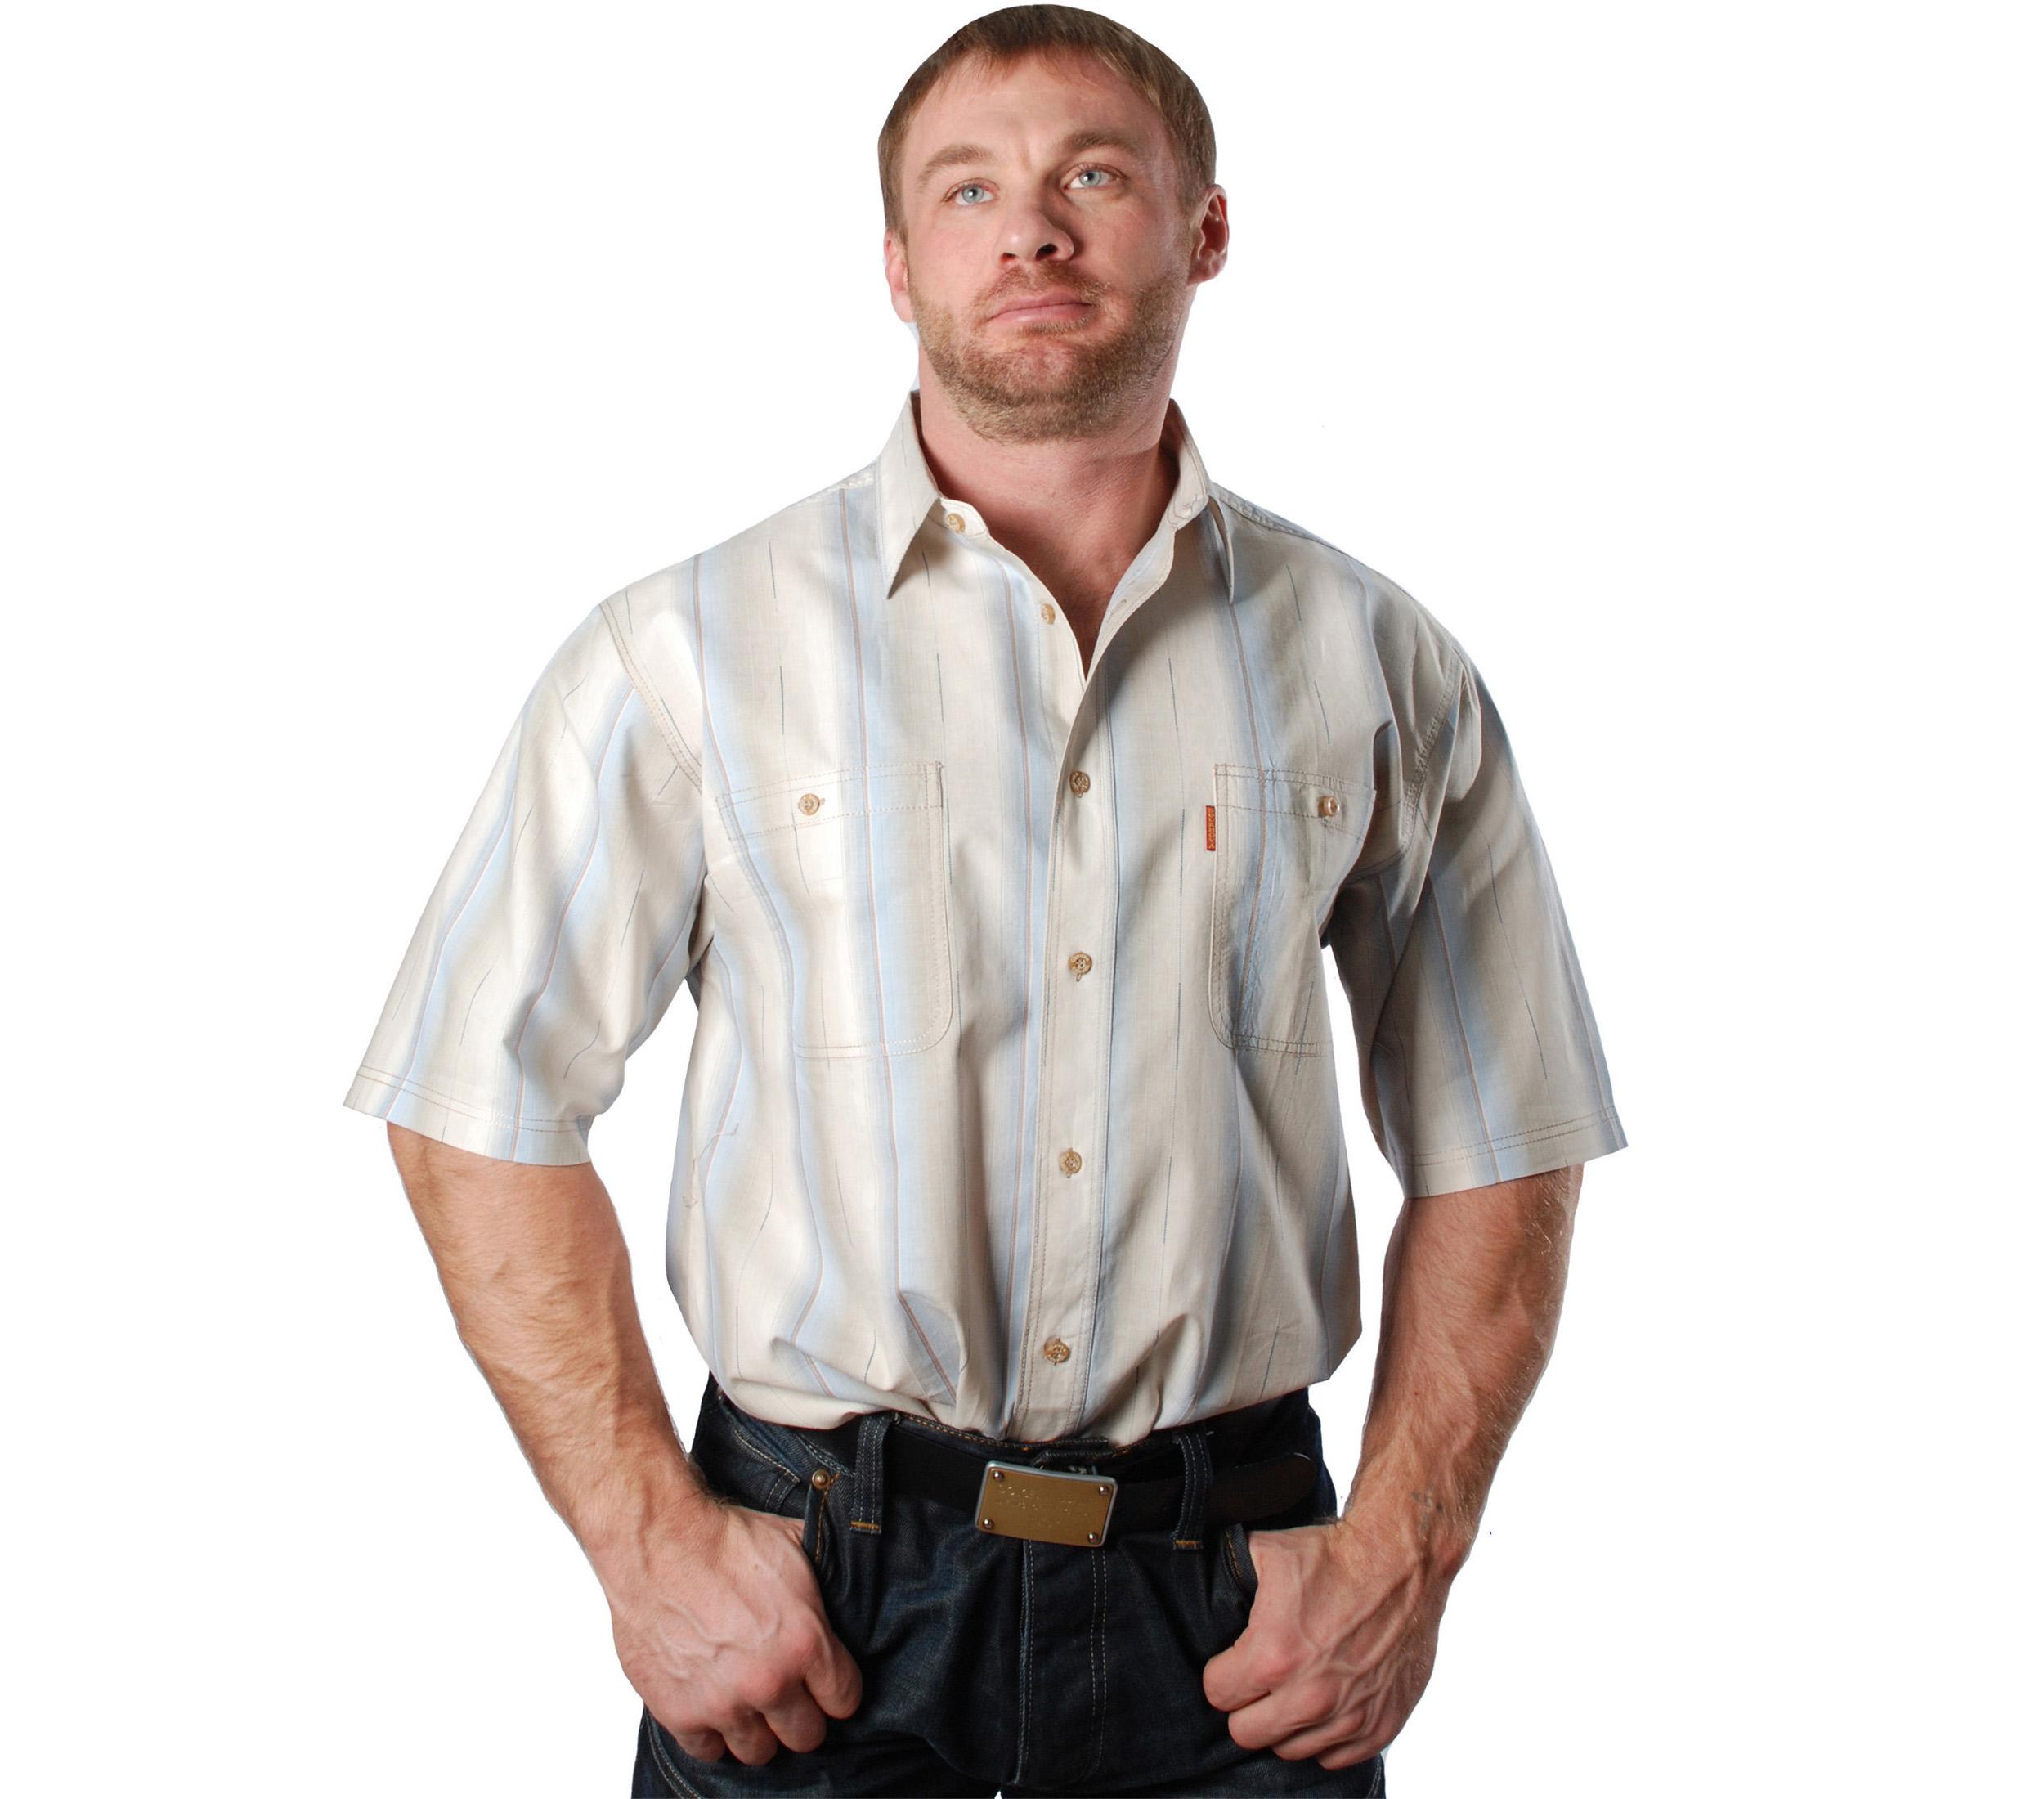 Джинсовая рубашка в толстую бежево-голубую полосу и тонкую коричневую и синюю